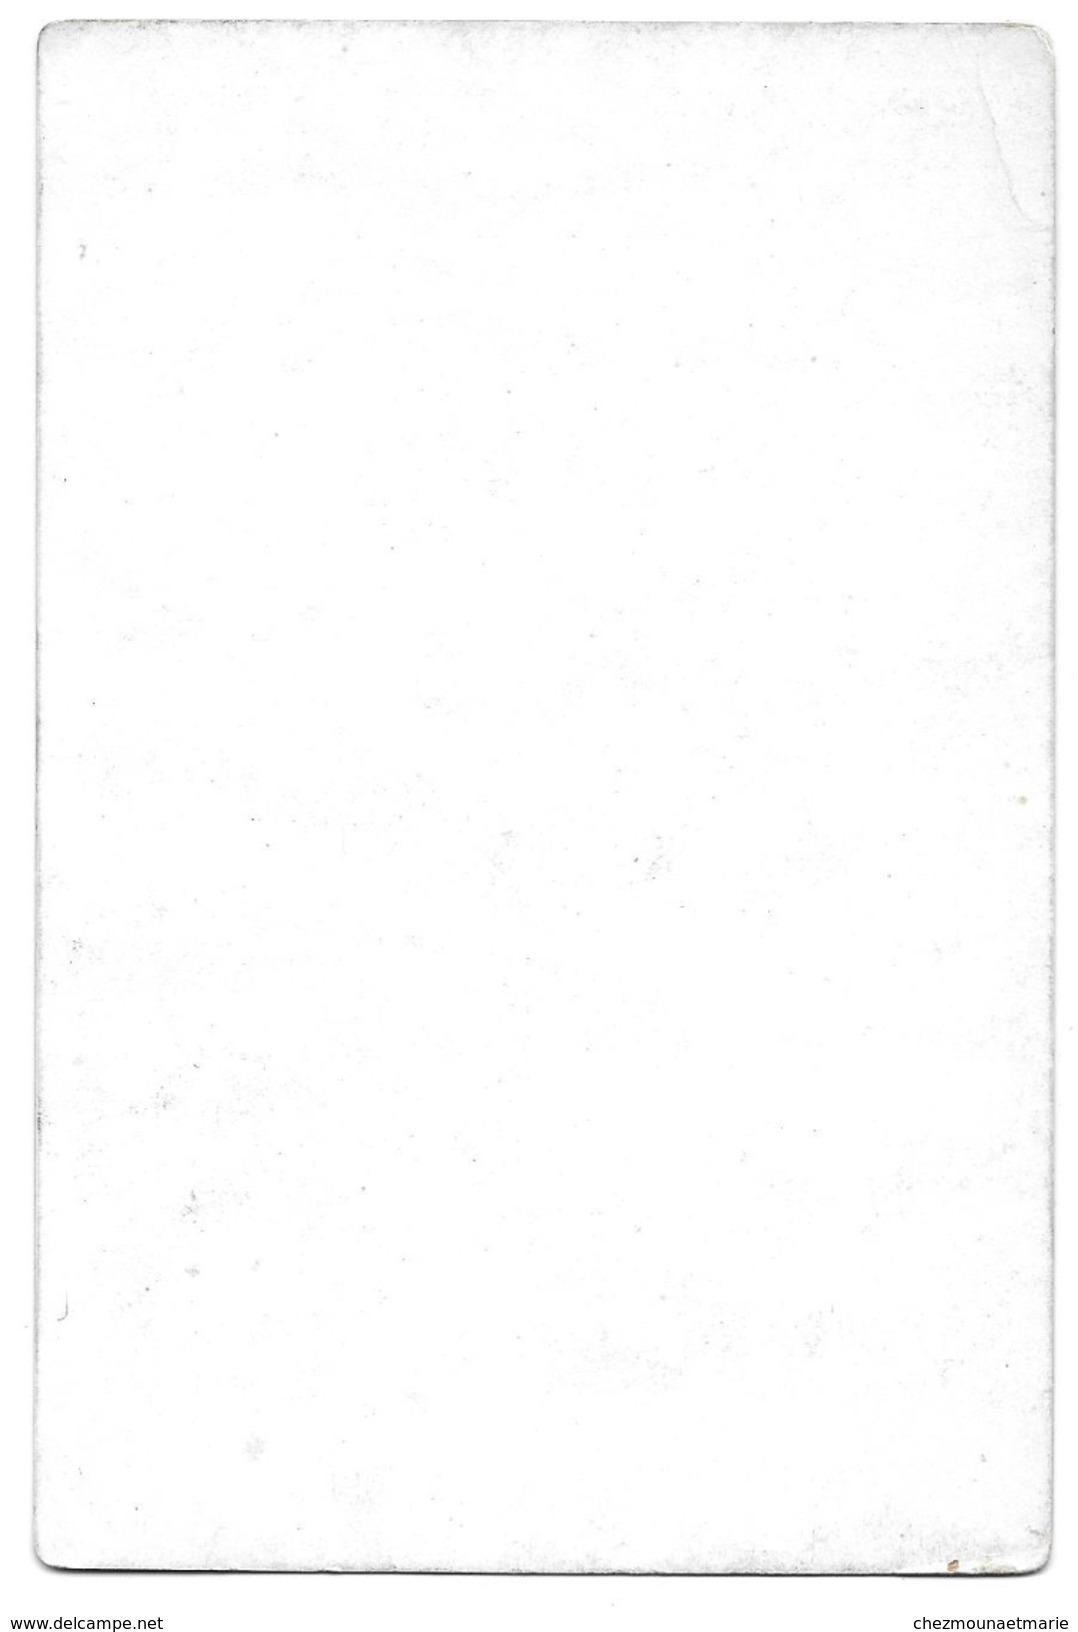 ALGERIE ALGER - HOMME JUIF - PORTRAIT ALGERIEN - JUDAISME JUDAICA - CDV PHOTO GEISER 16.5 X 10.5 CM PASSAGE MALAKOFF - Anonymous Persons